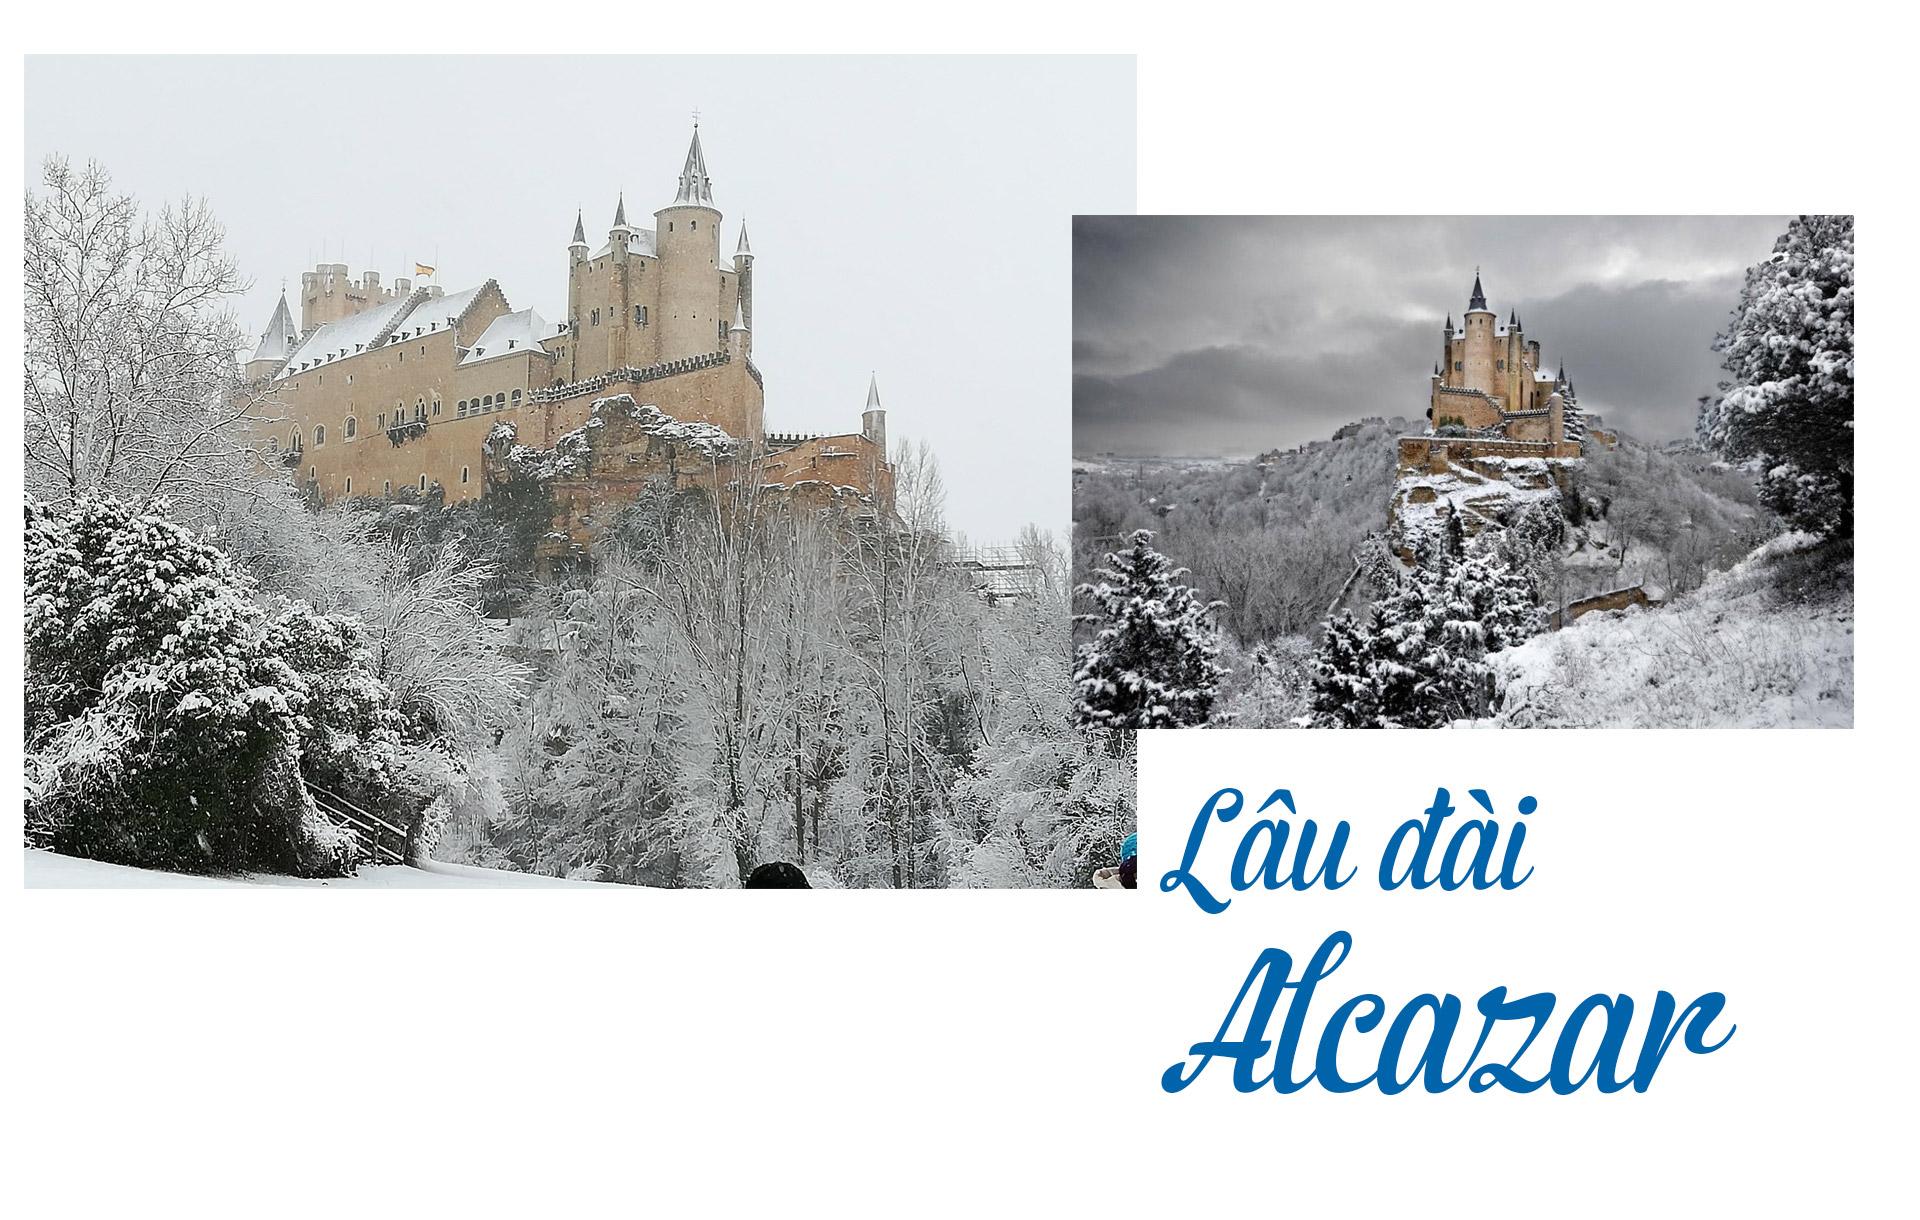 17 lâu đài cổ tích châu Âu đáng đến thăm vào mùa đông - 5